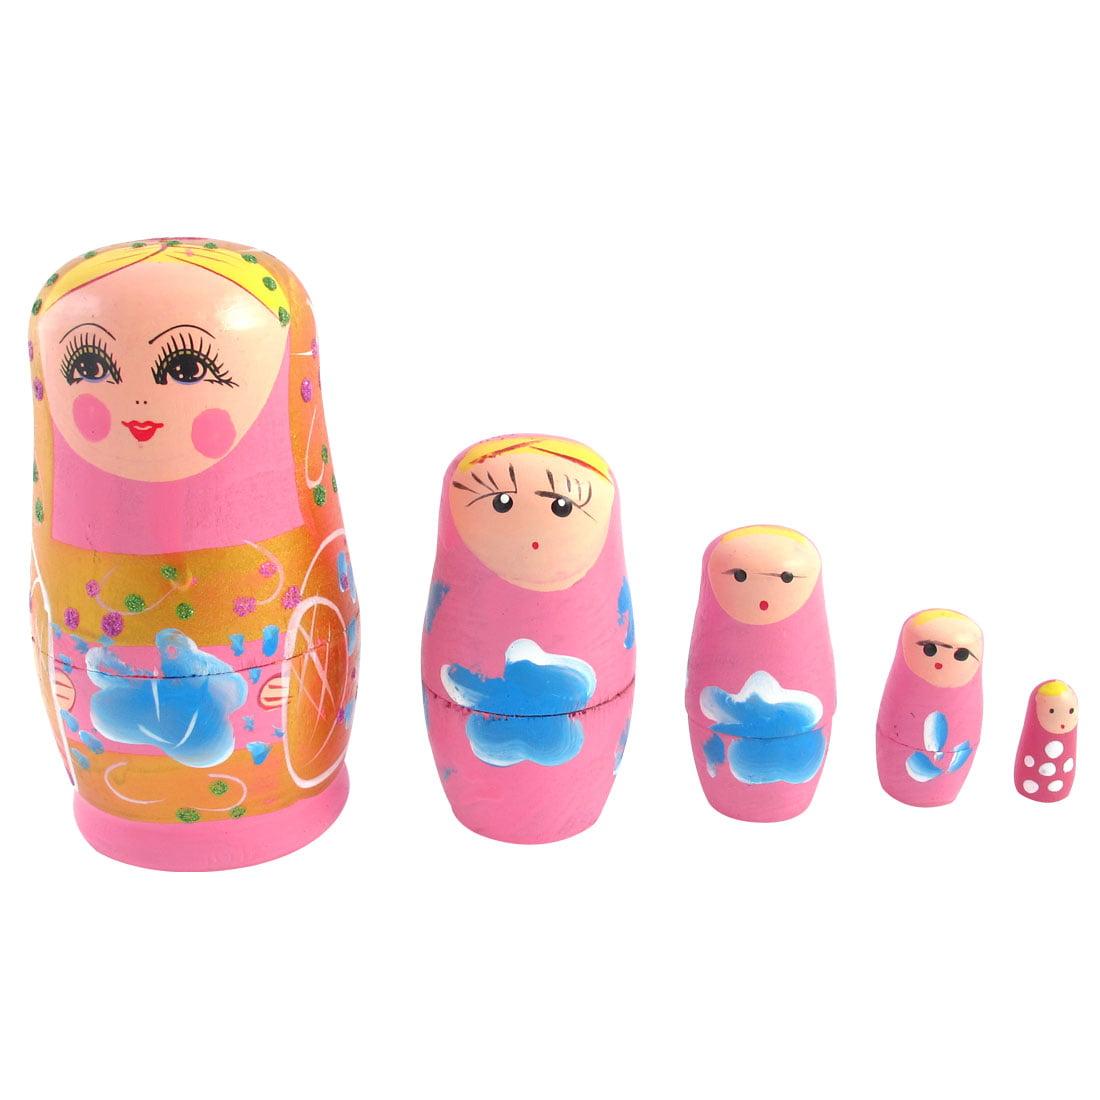 Unique Bargains Russian Babushka Petal Painted 5 Layers Stacking Nesting Matryoshka Doll Pink